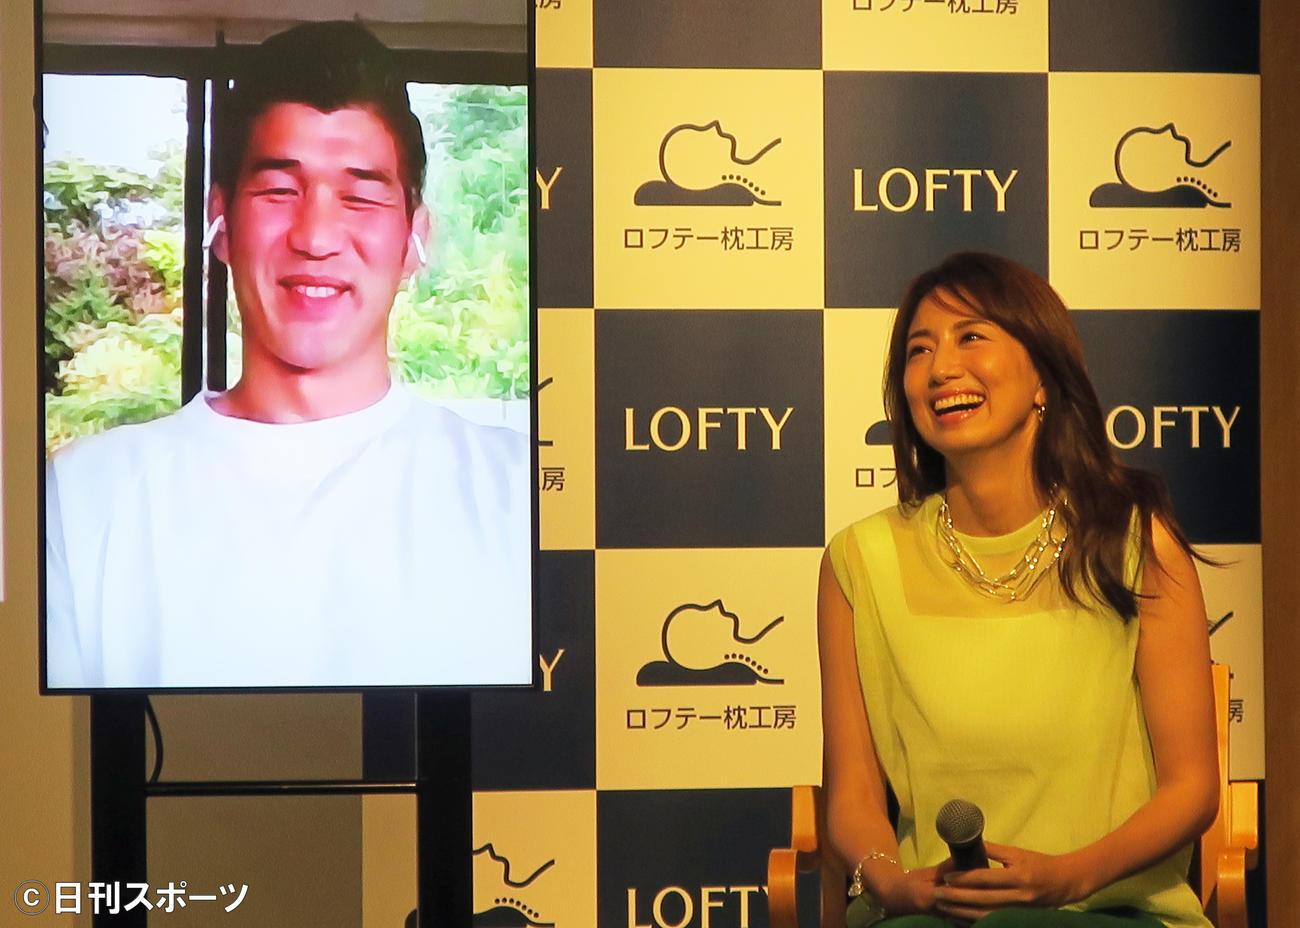 ロフテー新商品発表会で、リモート出演した夫、井上康生と語る東原亜希